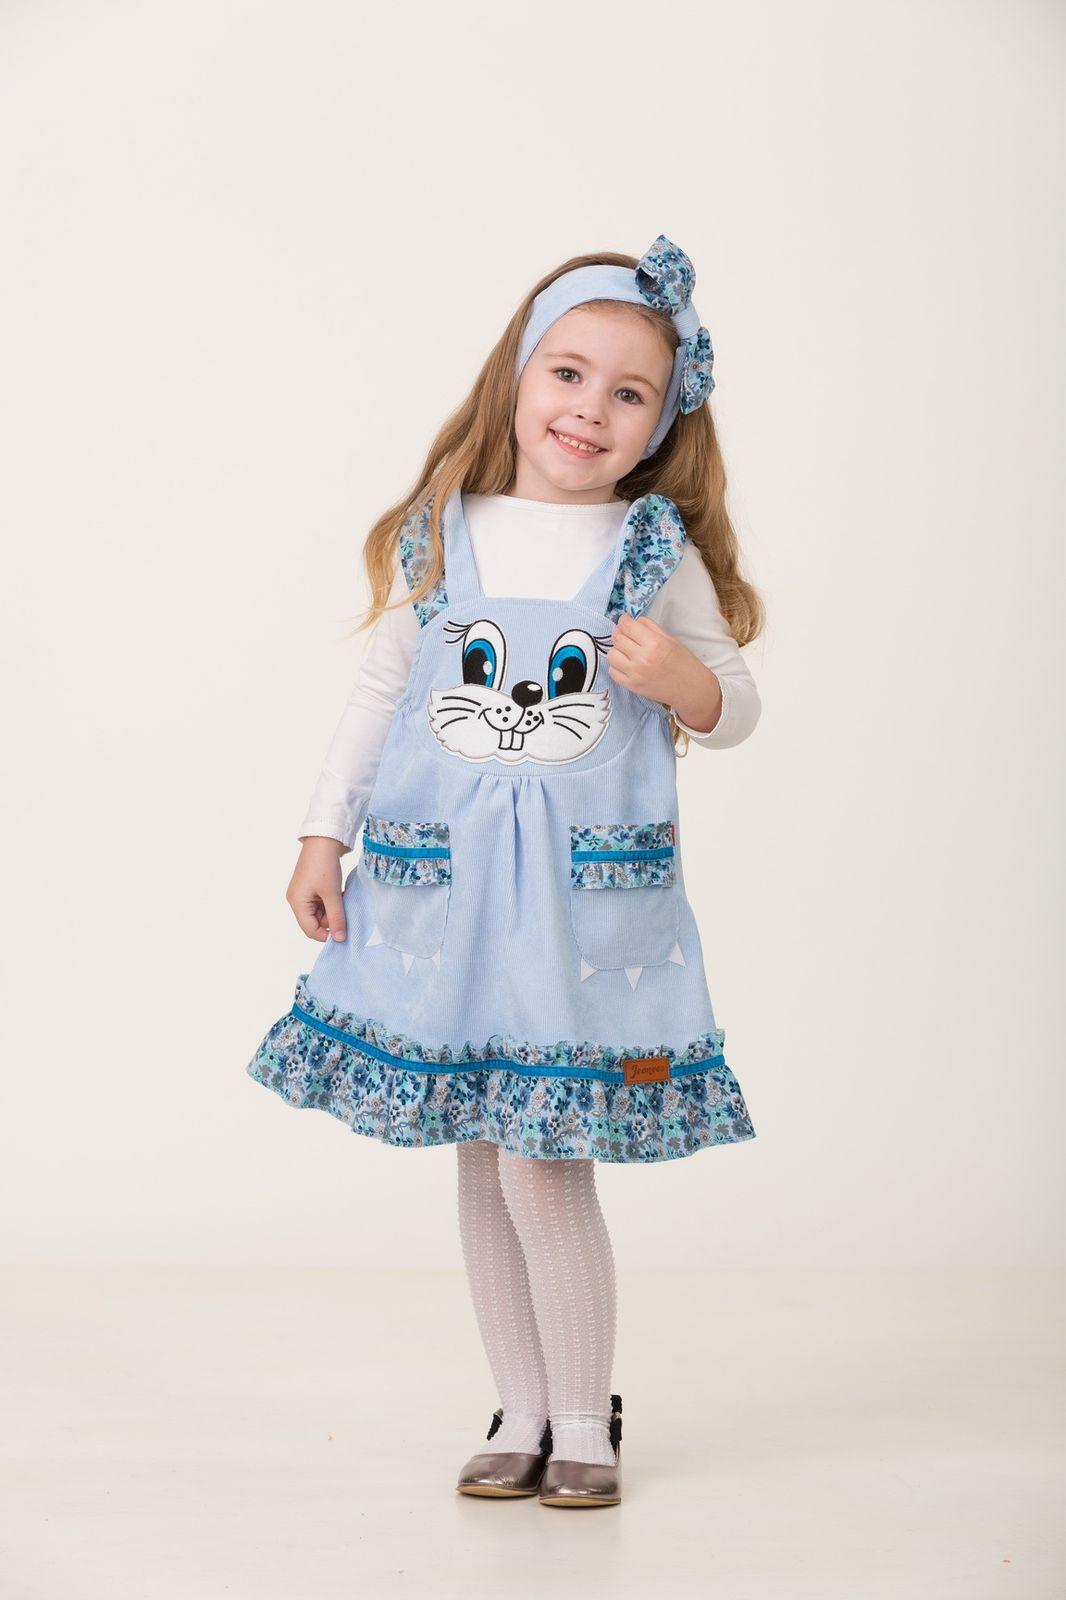 Карнавальный костюм Jeanees Зайка Капризка, цвет: голубой. Размер: 26 карнавальный костюм jeanees зайка капризка цвет голубой размер 30